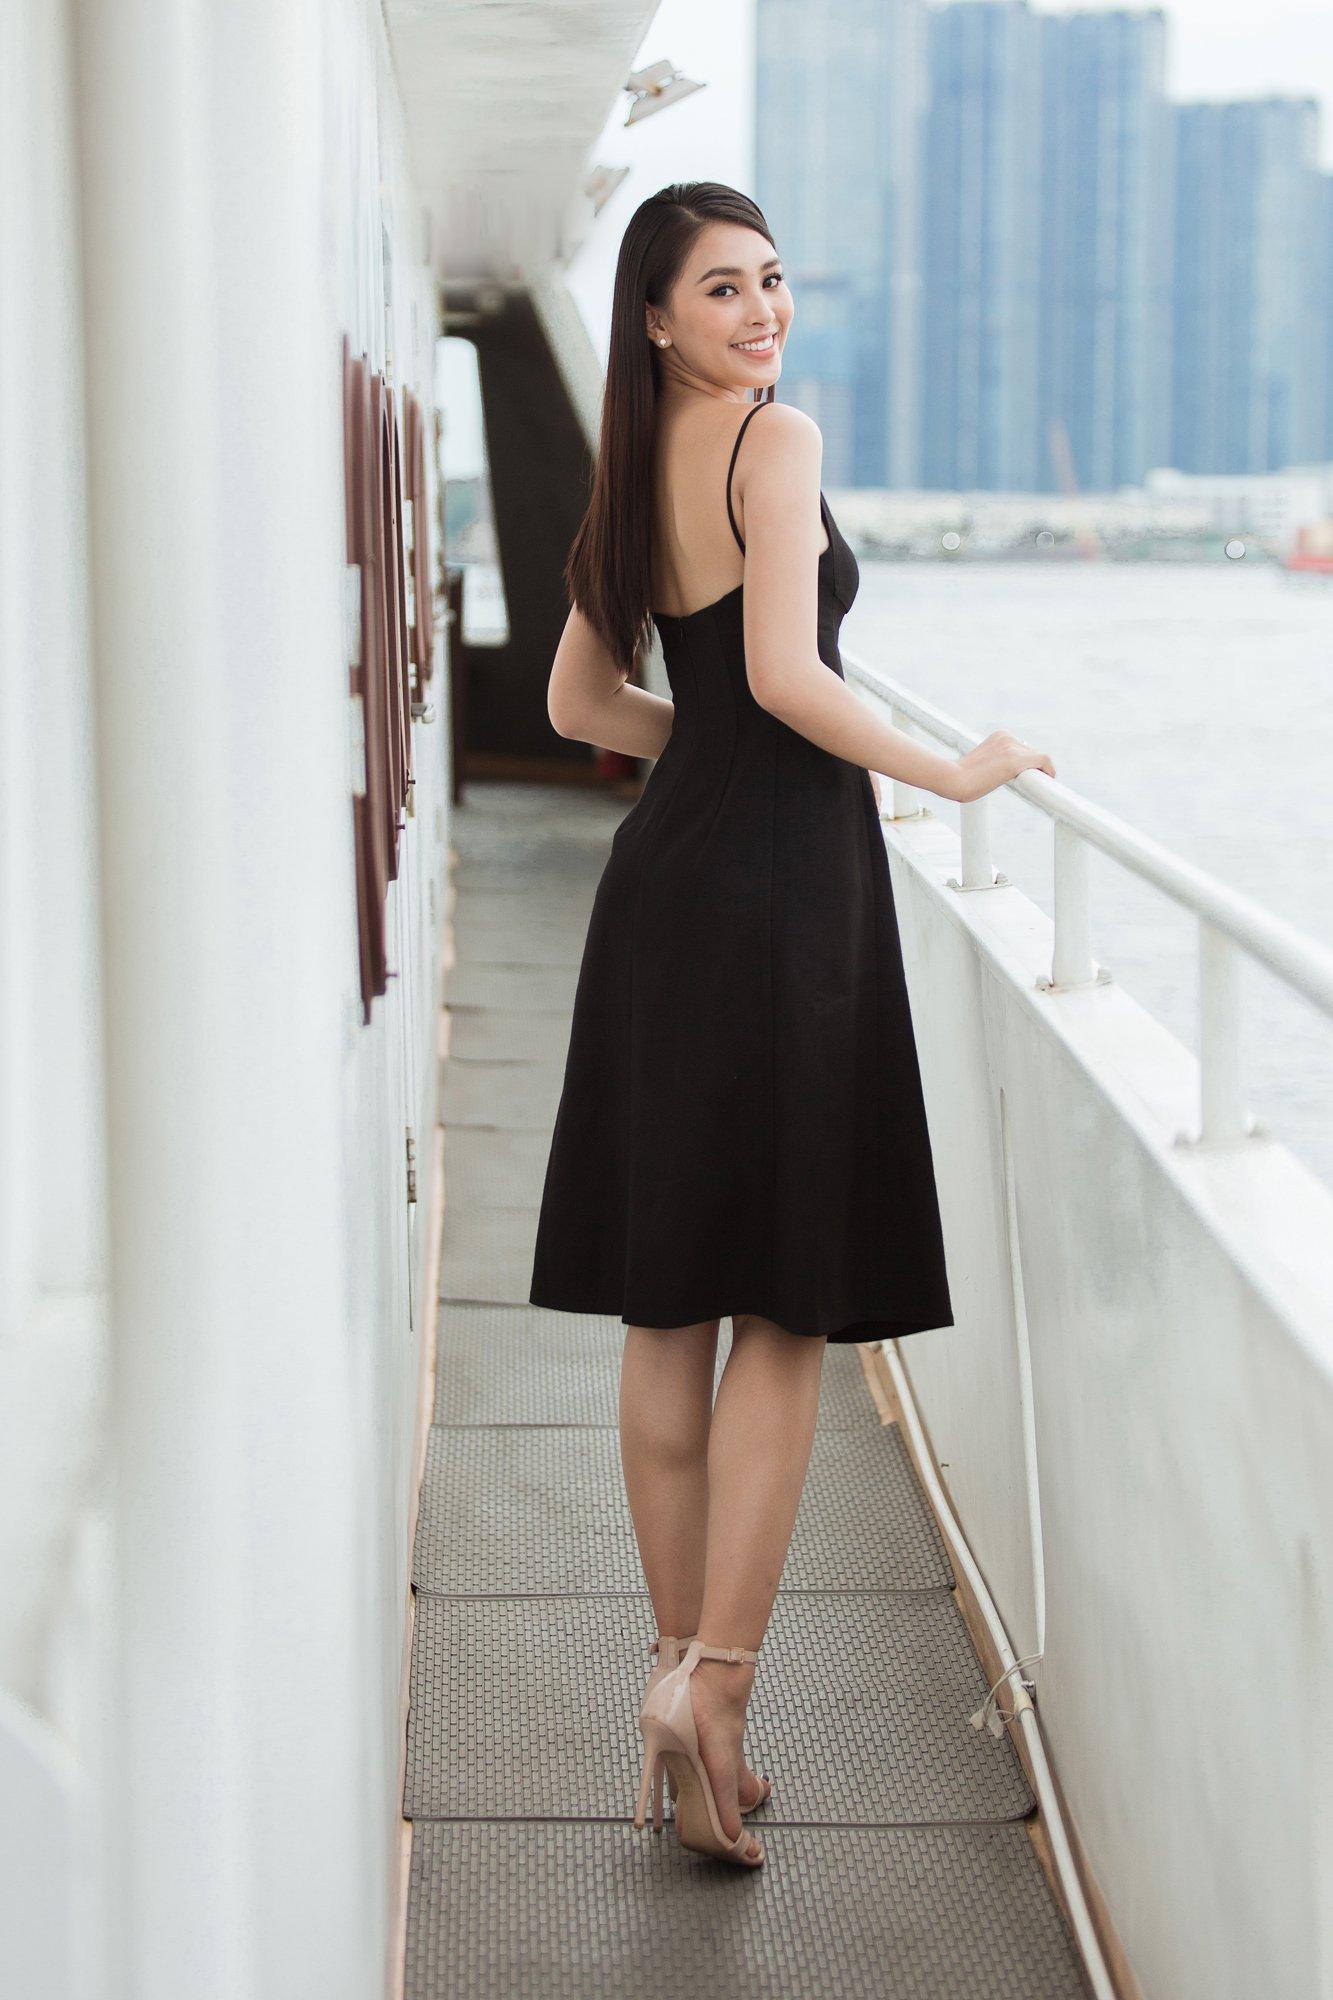 King Yacht Cruise đồng hành cùng Miss World Việt Nam 2019 - 17